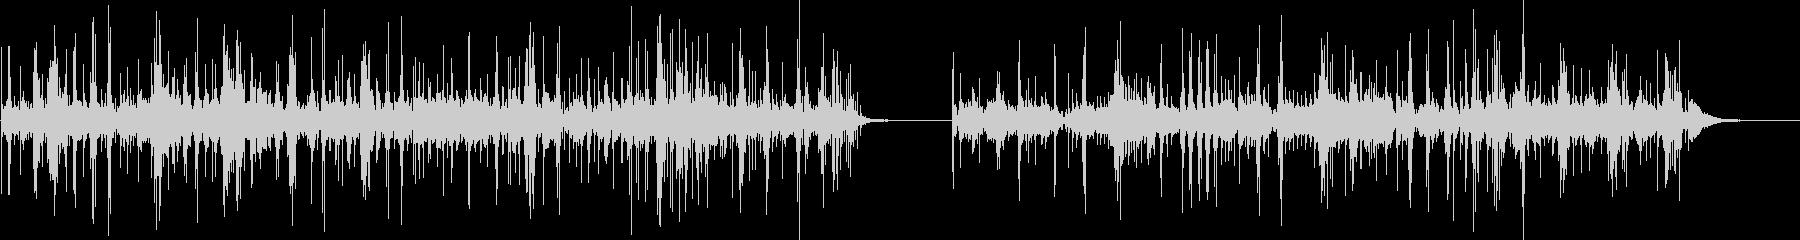 ドラムセット、ソロ、フルセット、2...の未再生の波形